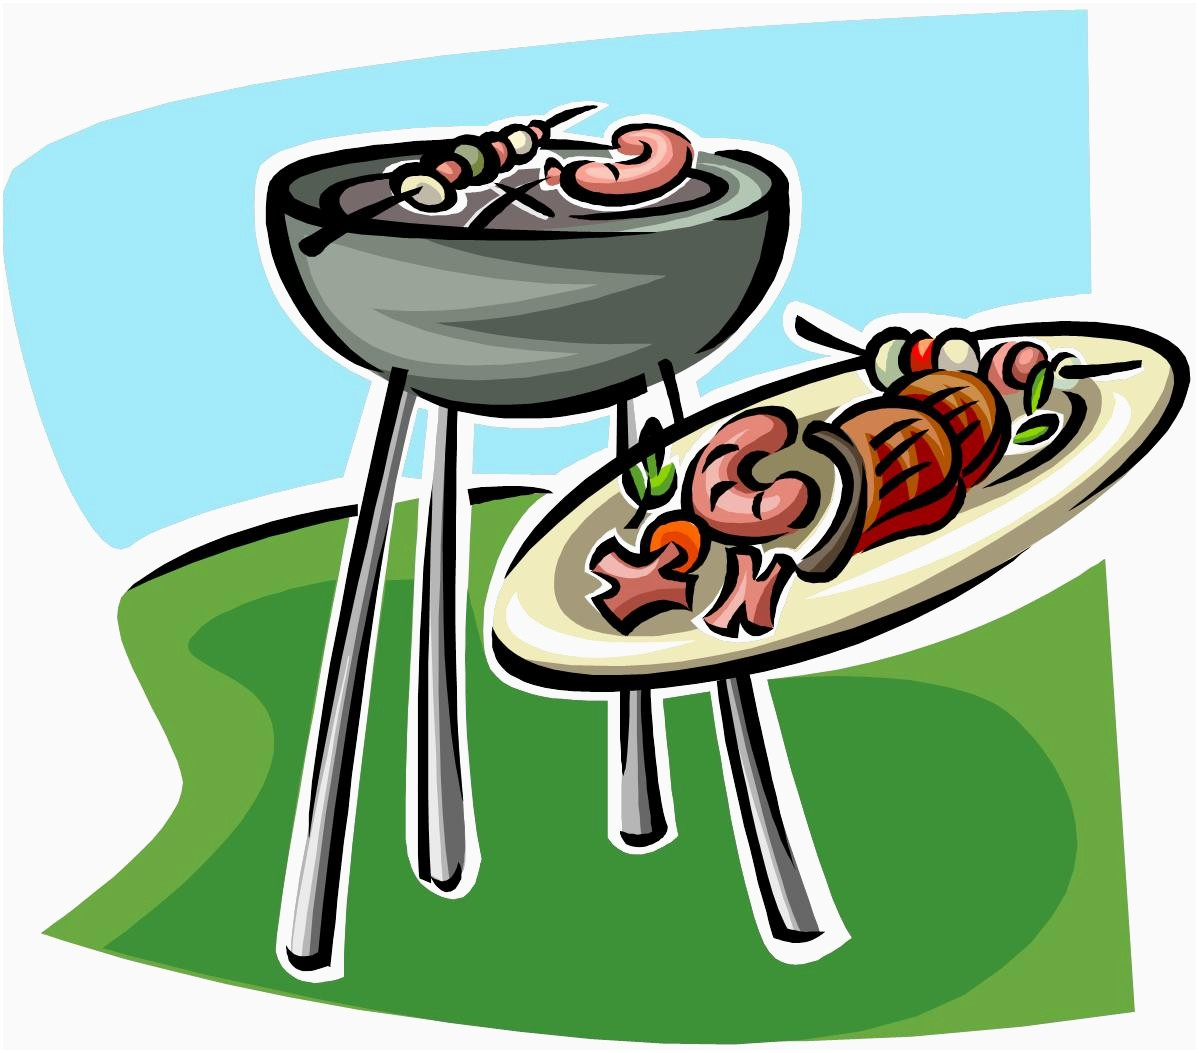 Cookout clipart. Clip art images alternative